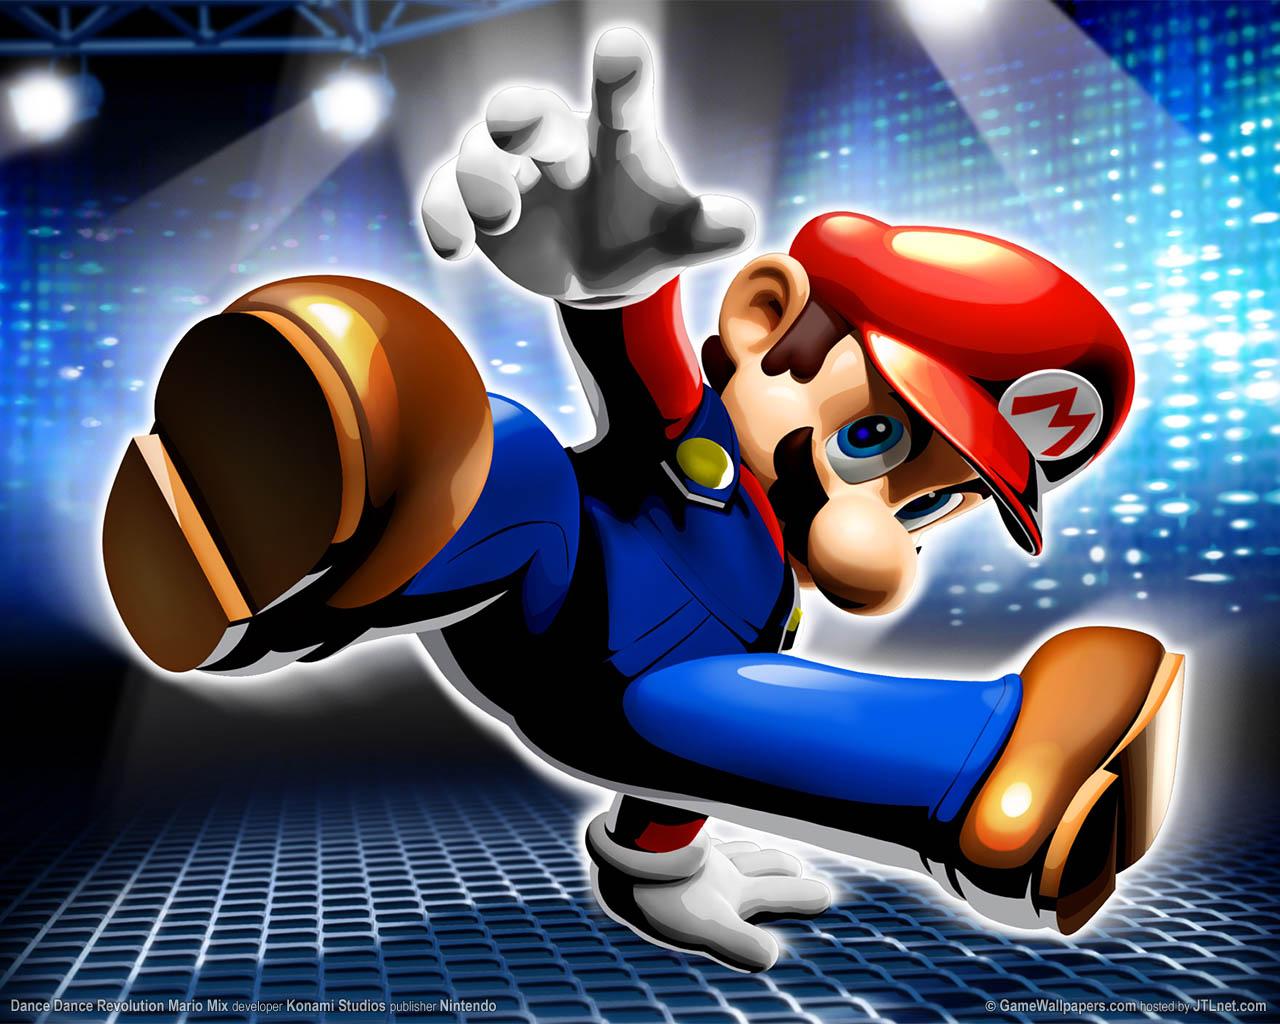 http://4.bp.blogspot.com/-aE8hPYXQq8A/Tn3pwfKBROI/AAAAAAAAD8E/orgJNMQ-l3Q/s1600/Dance_Dance_Revolution_-_Mario_Mix.jpg